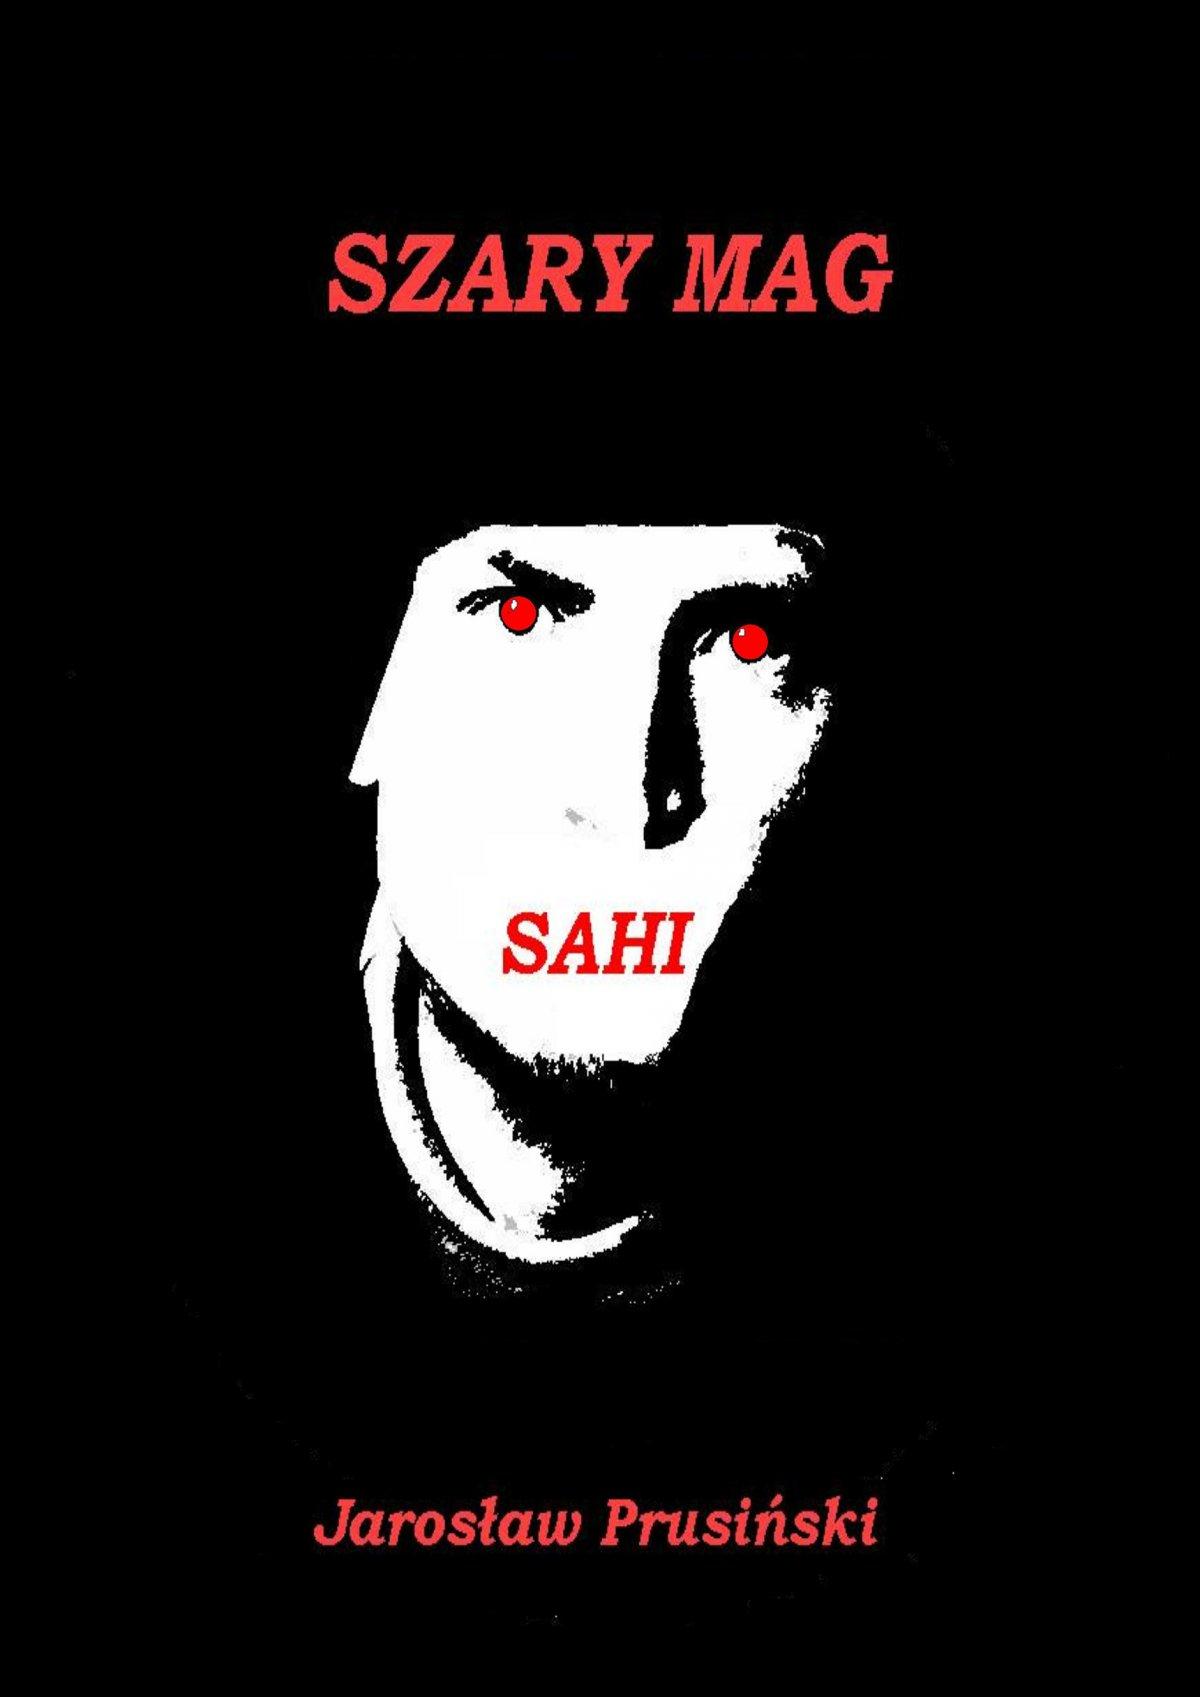 Szary mag. Sahi - Ebook (Książka EPUB) do pobrania w formacie EPUB